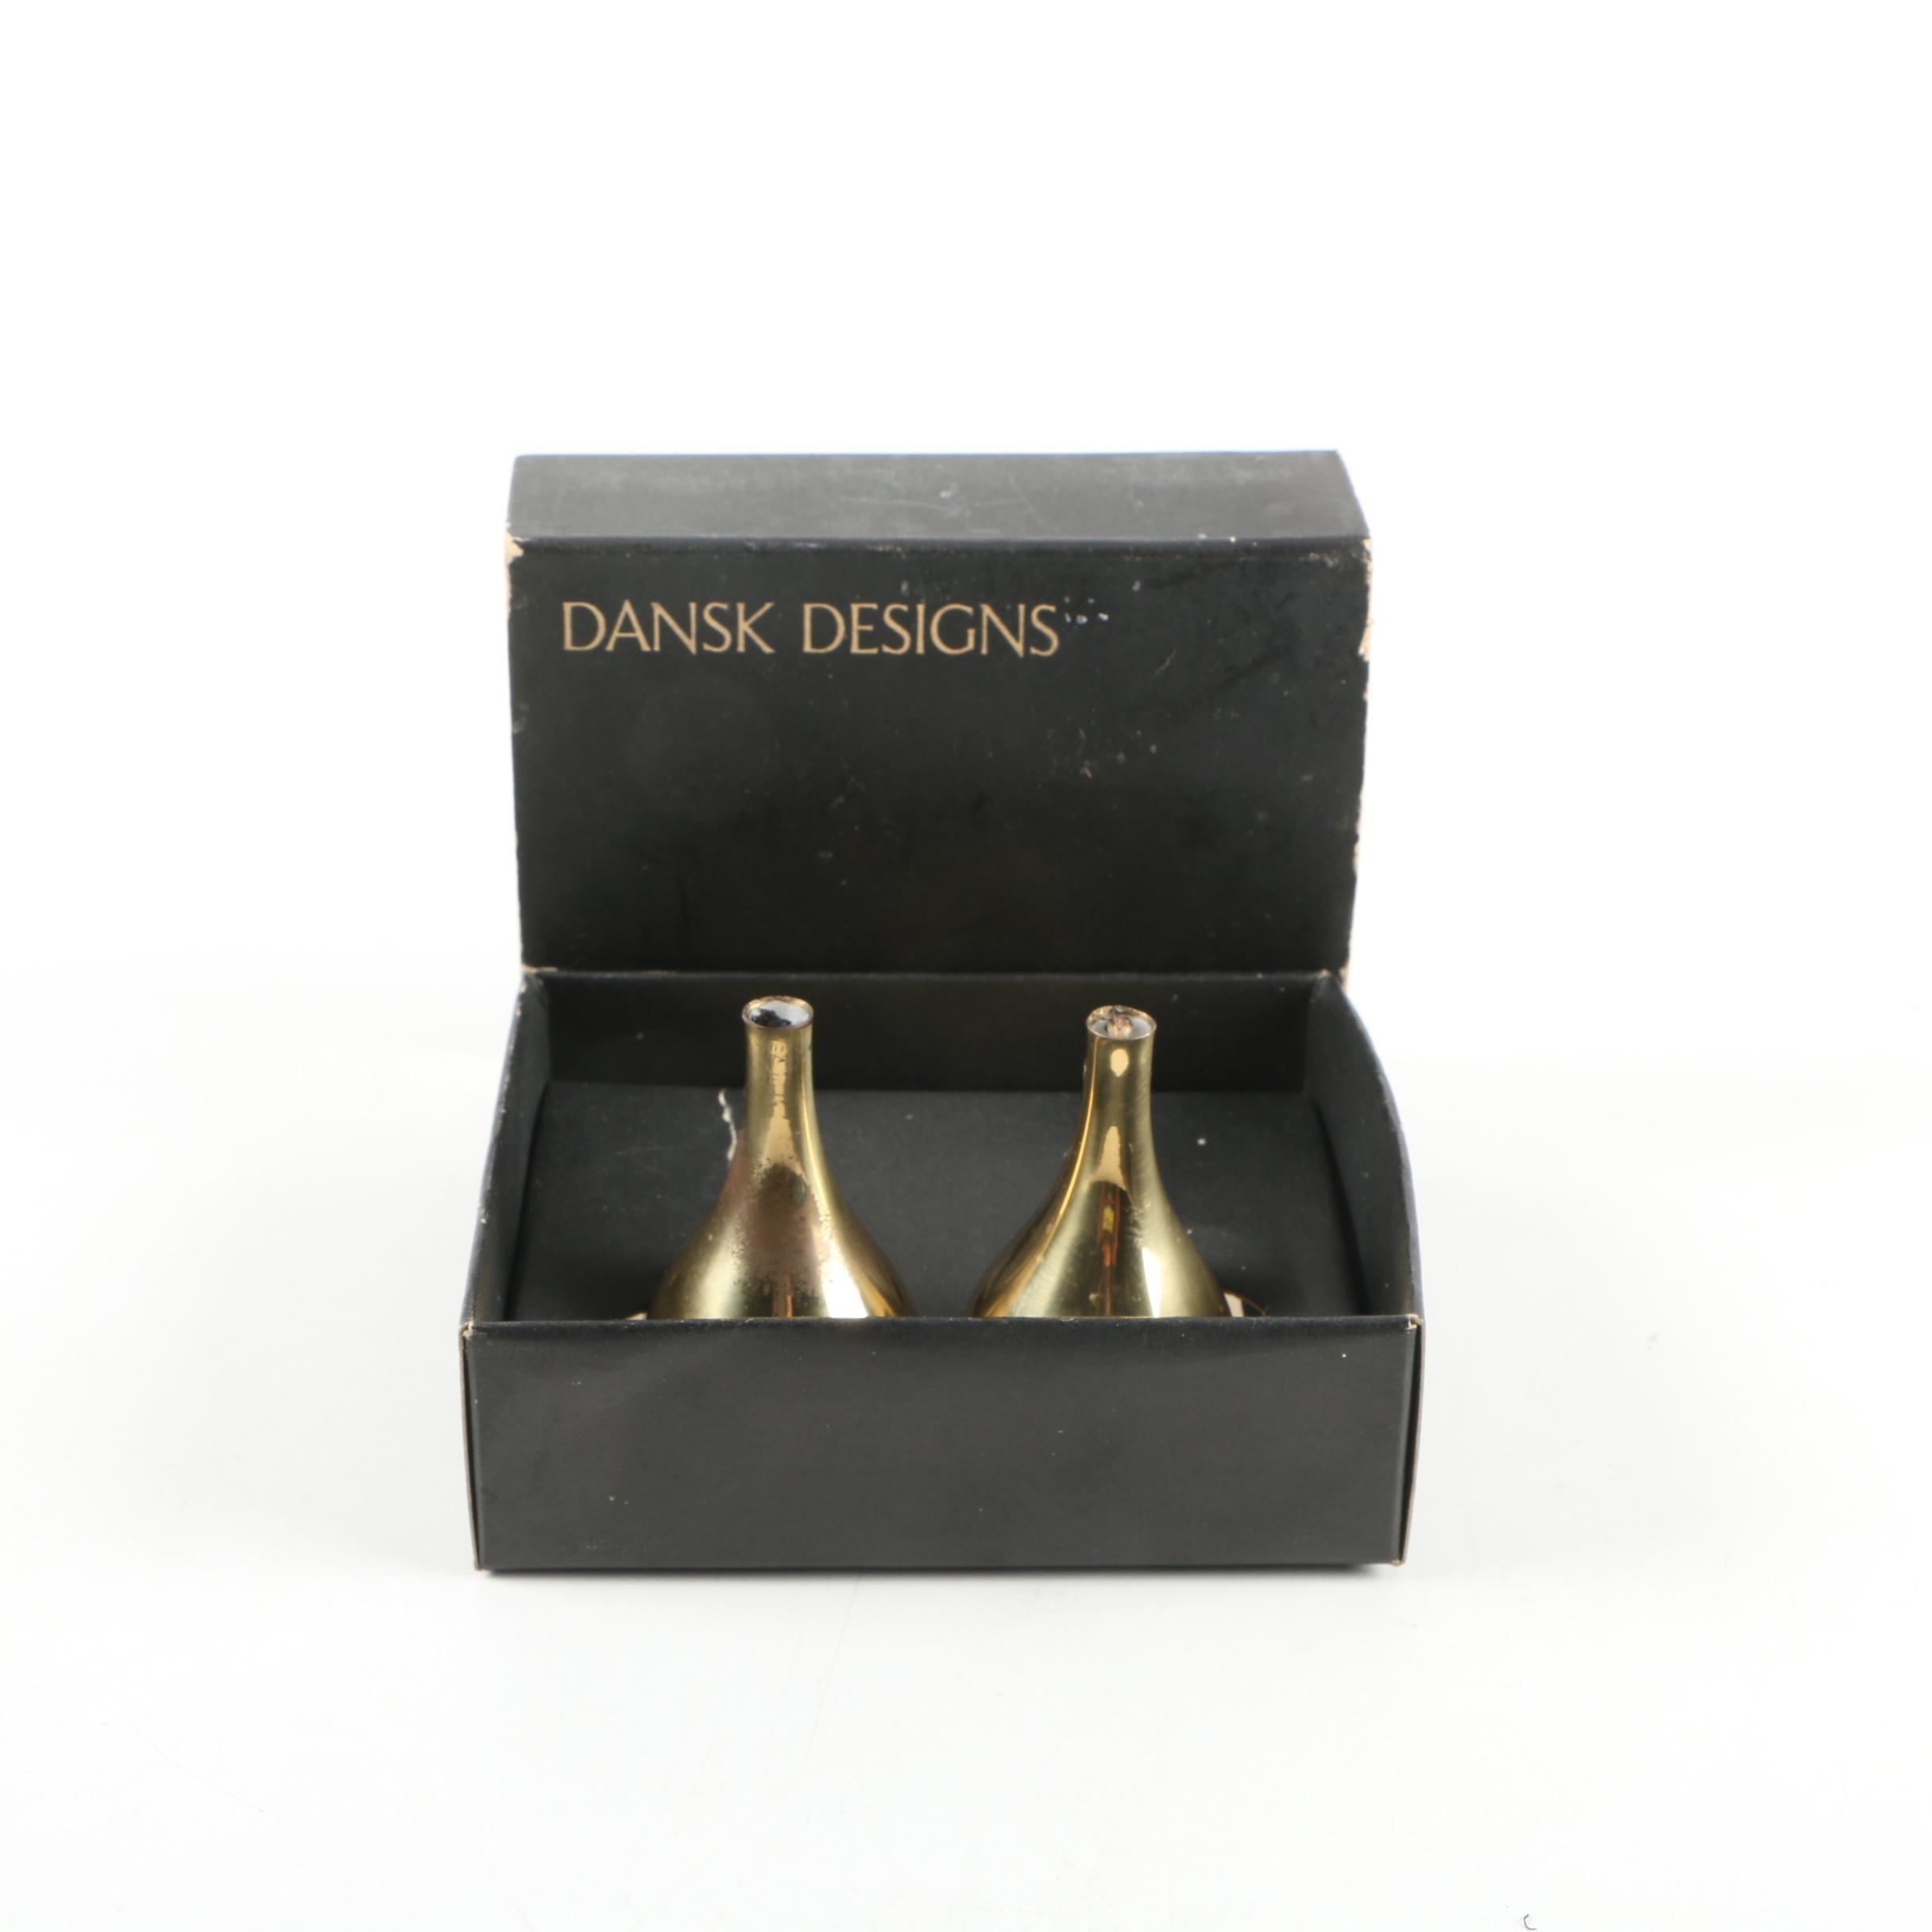 Vintage Dansk Designs Brass Bud Vases